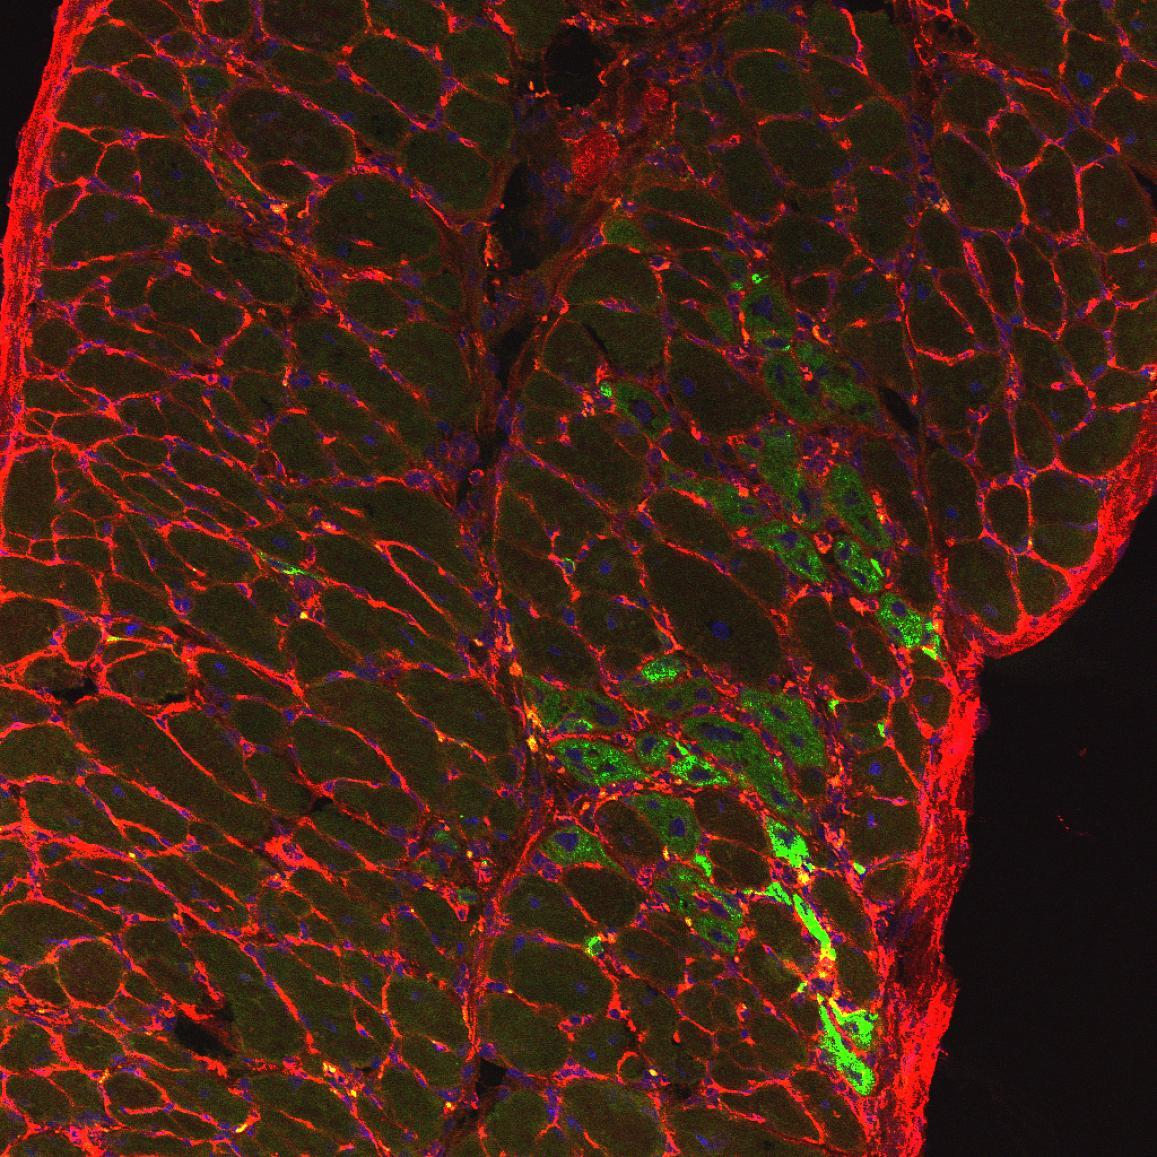 روشهای درمانی نوین برای حل مشکل دیستروفی عضلانی - اخبار زیست فناوری